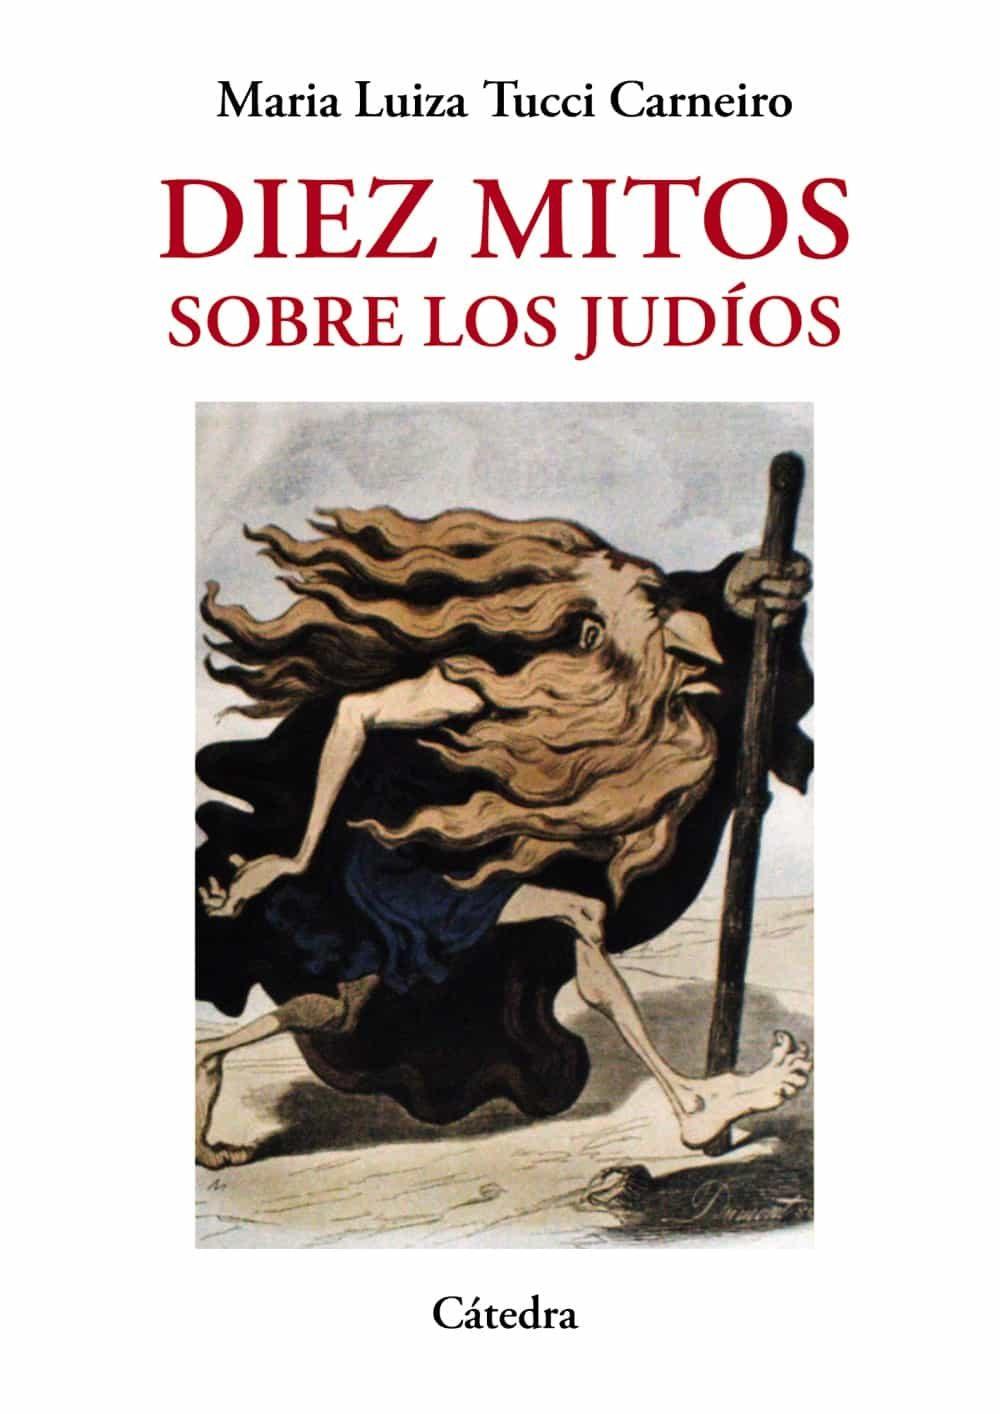 Diez mitos sobre los jud os maria luiza tucci carneiro 9788437635804